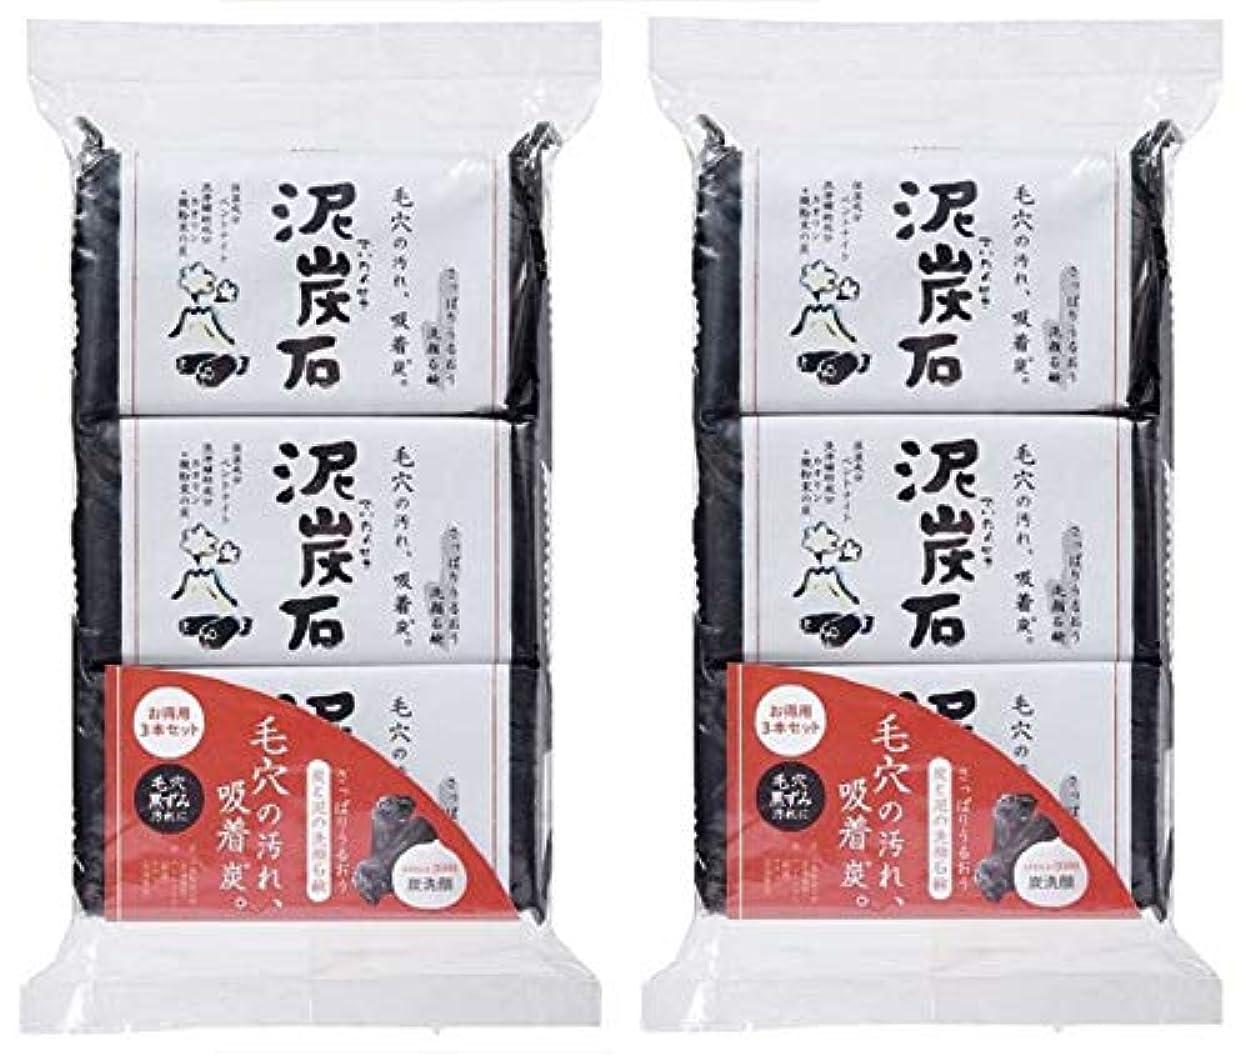 保険割り込み豚肉(まとめ買い)ペリカン石鹸 泥炭石 110g×3個 ×2セット